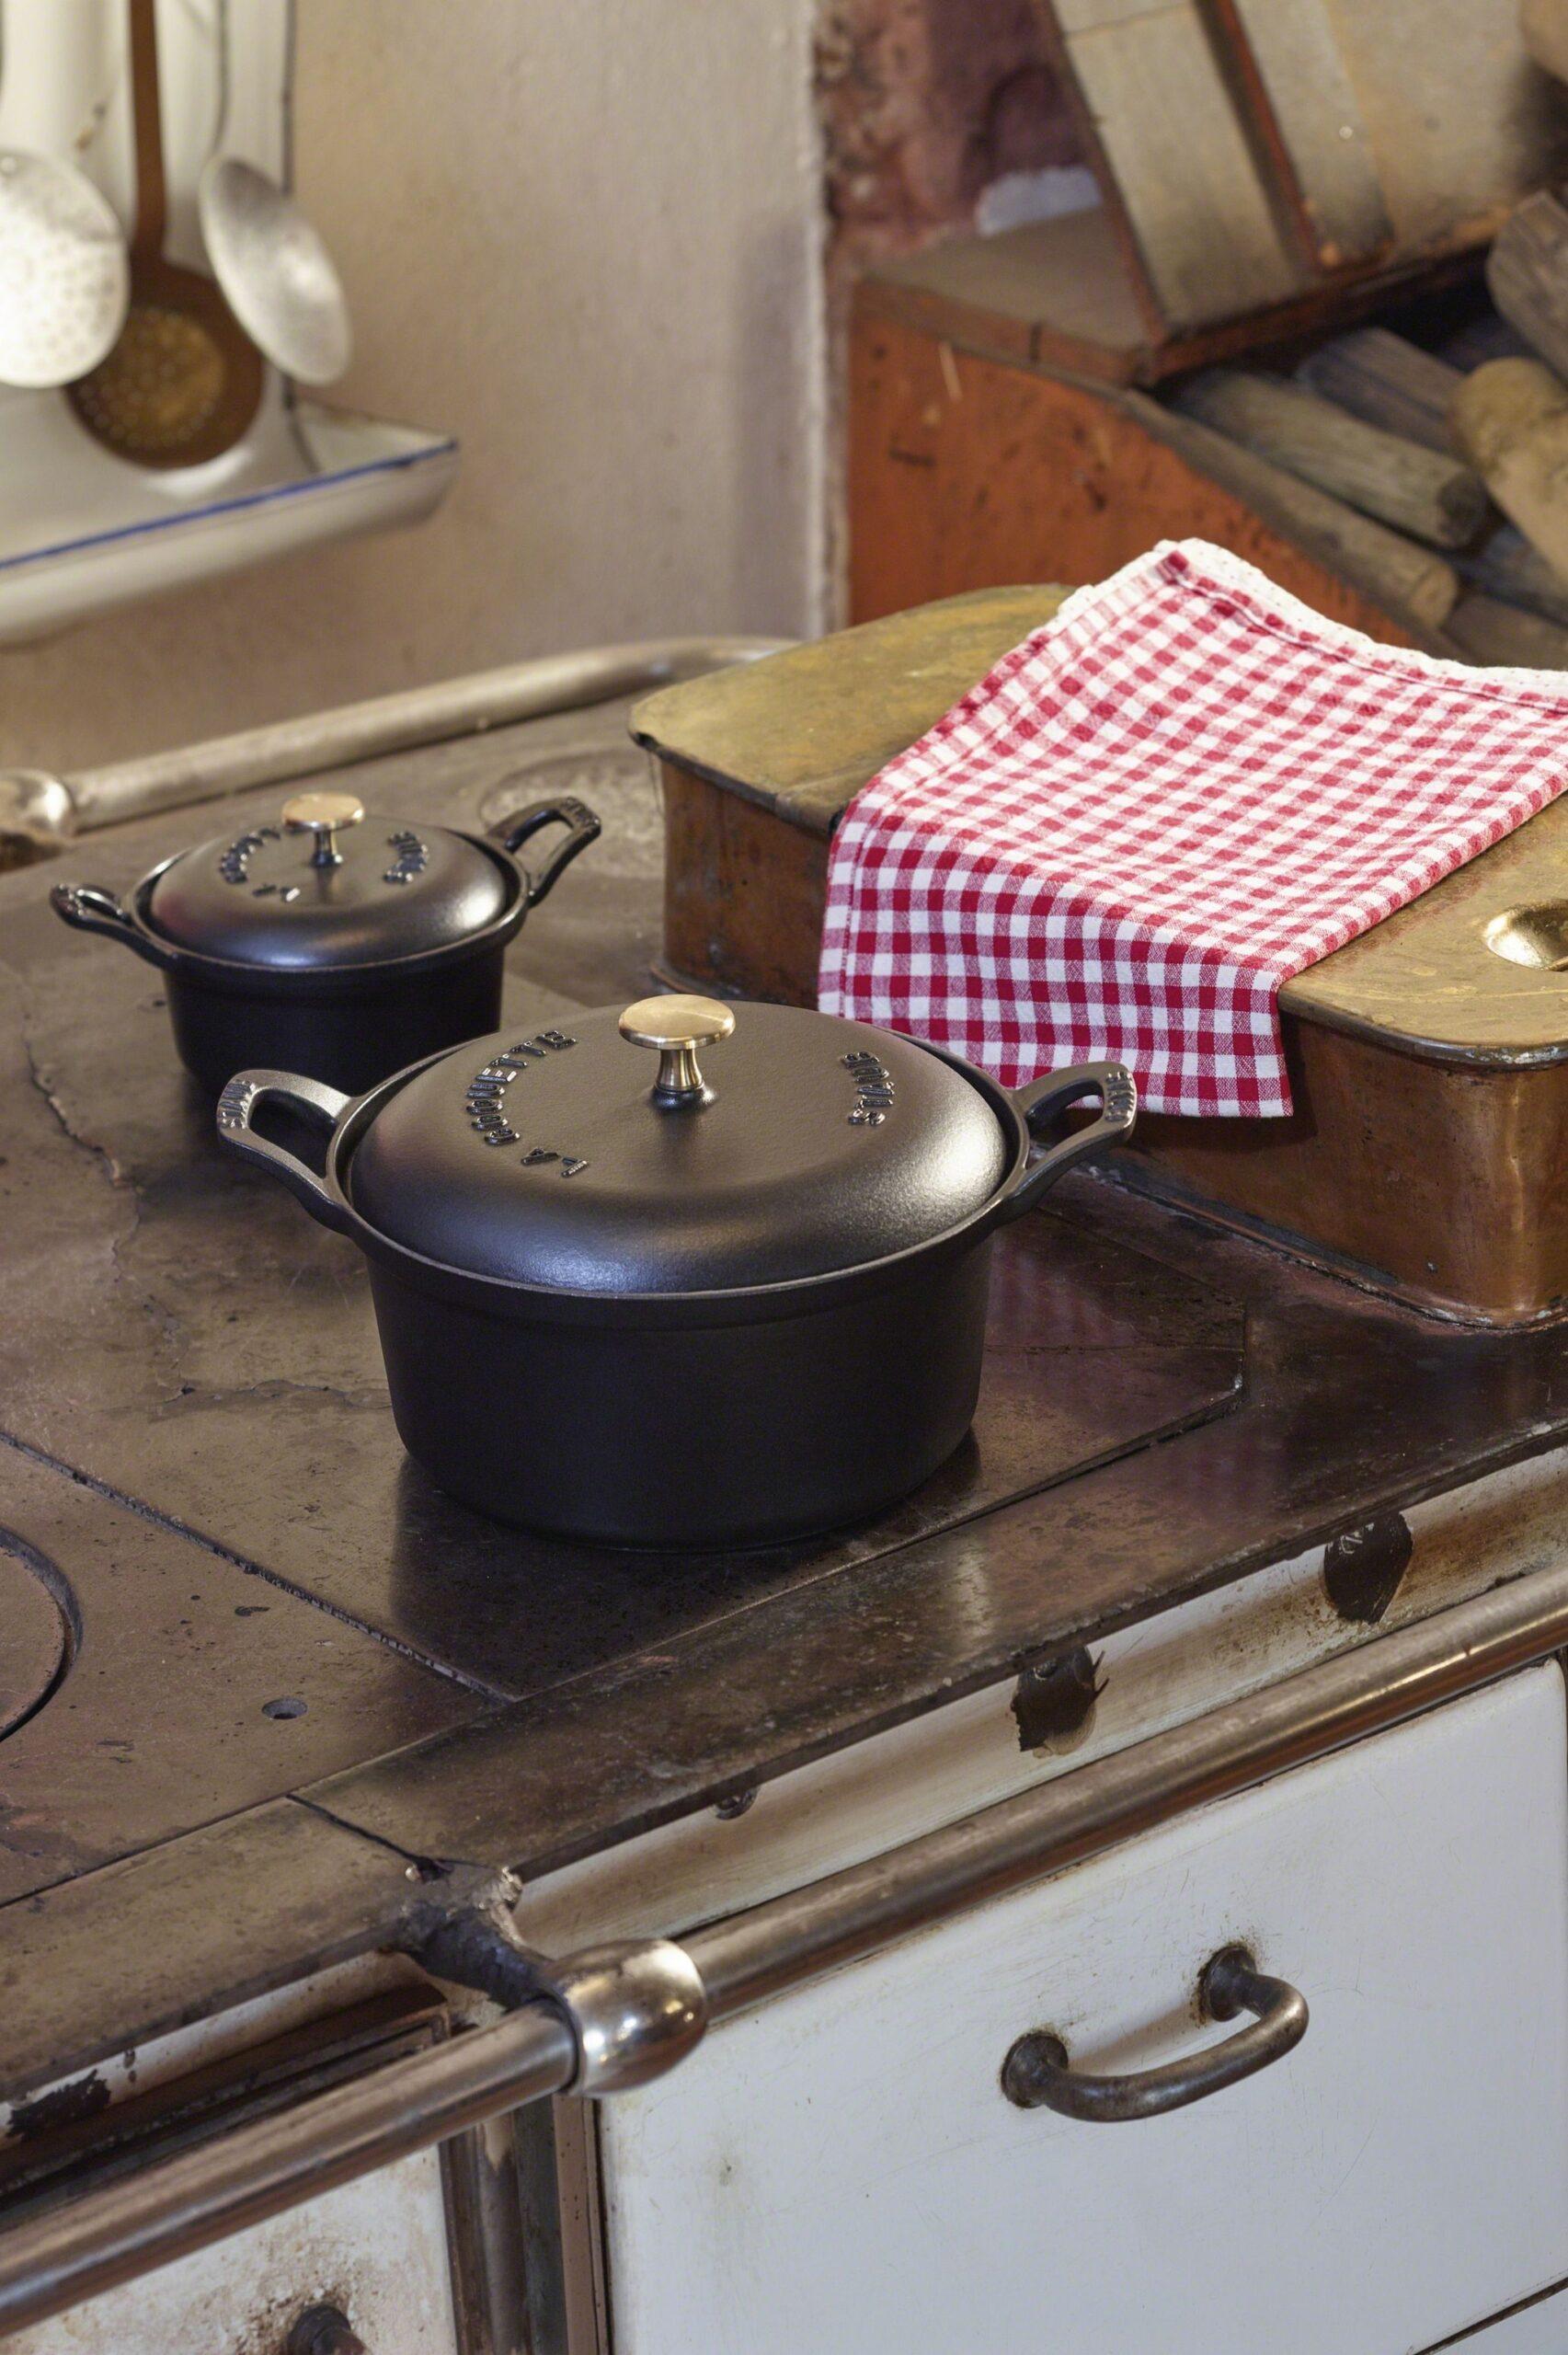 Full Size of Aufbewahrung Küchenutensilien Pin Auf Kchentrume Aufbewahrungsbehälter Küche Aufbewahrungssystem Bett Mit Betten Aufbewahrungsbox Garten Wohnzimmer Aufbewahrung Küchenutensilien